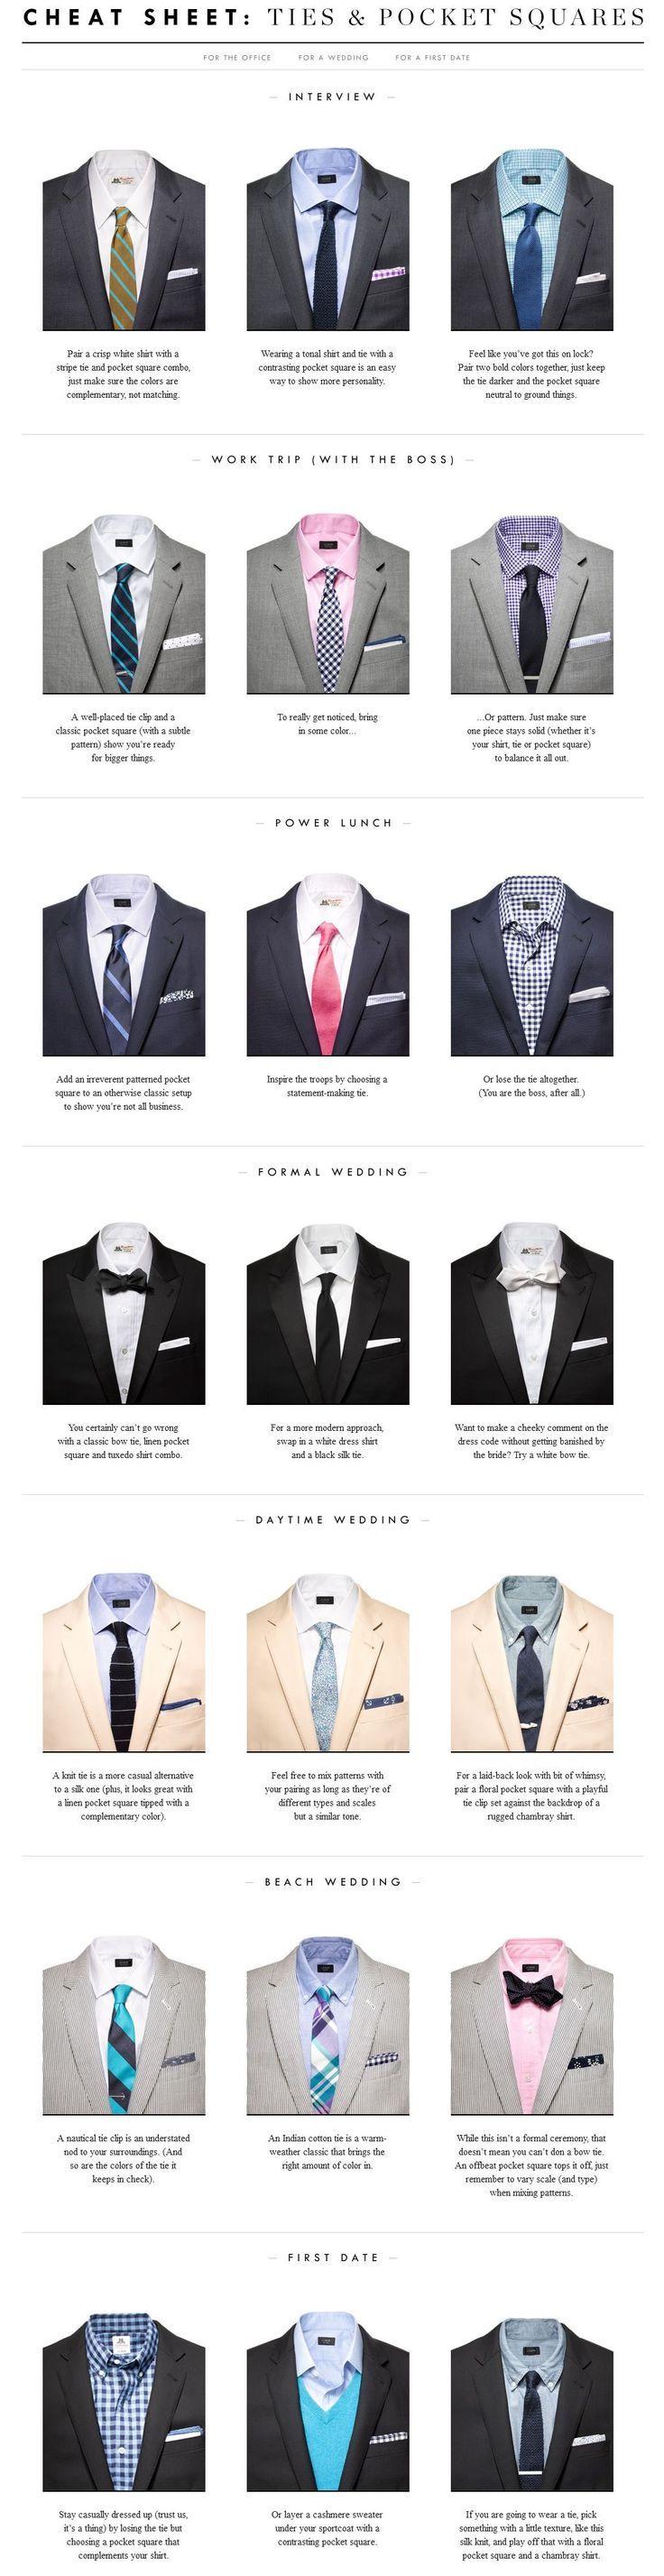 great tie combinations